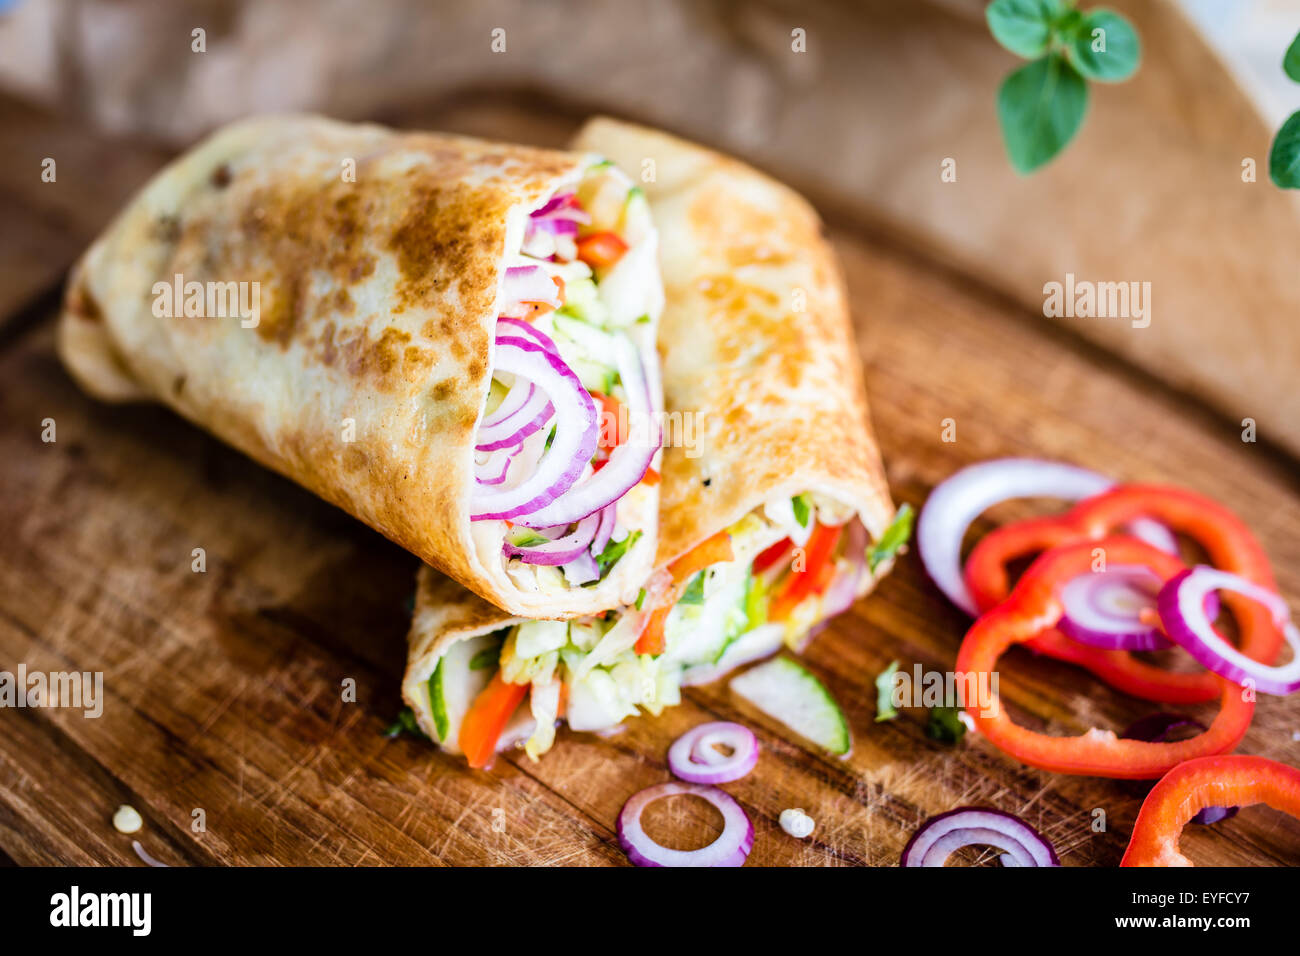 Deliziosi piatti vegan wrap riempito con verdure fresche. Messa a fuoco selettiva Immagini Stock